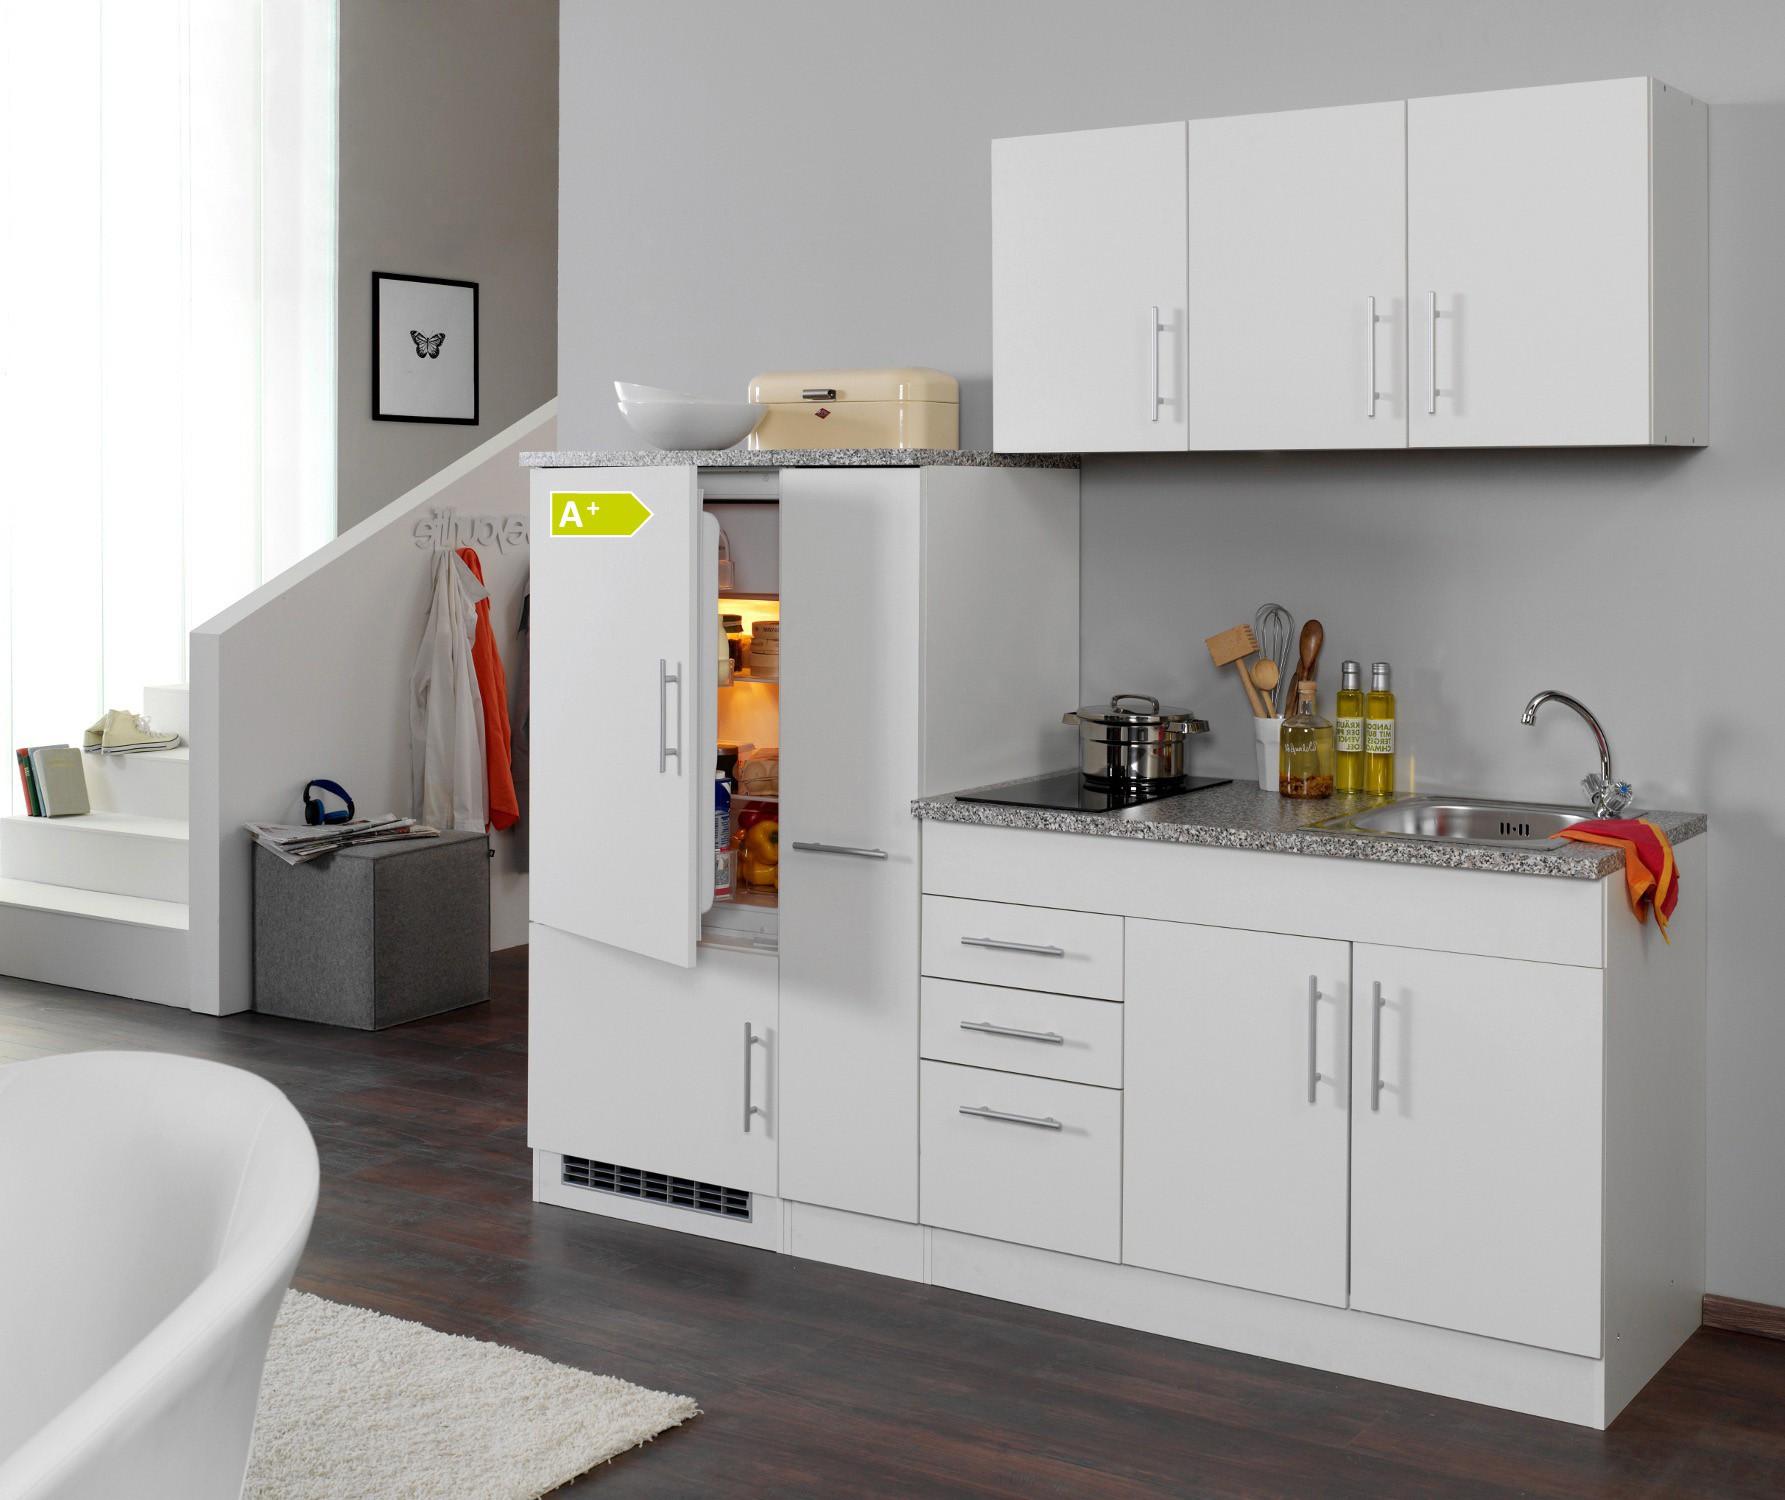 singlek che berlin glaskeramik kochfeld und k hlschrank breite 210 cm wei k che singlek chen. Black Bedroom Furniture Sets. Home Design Ideas